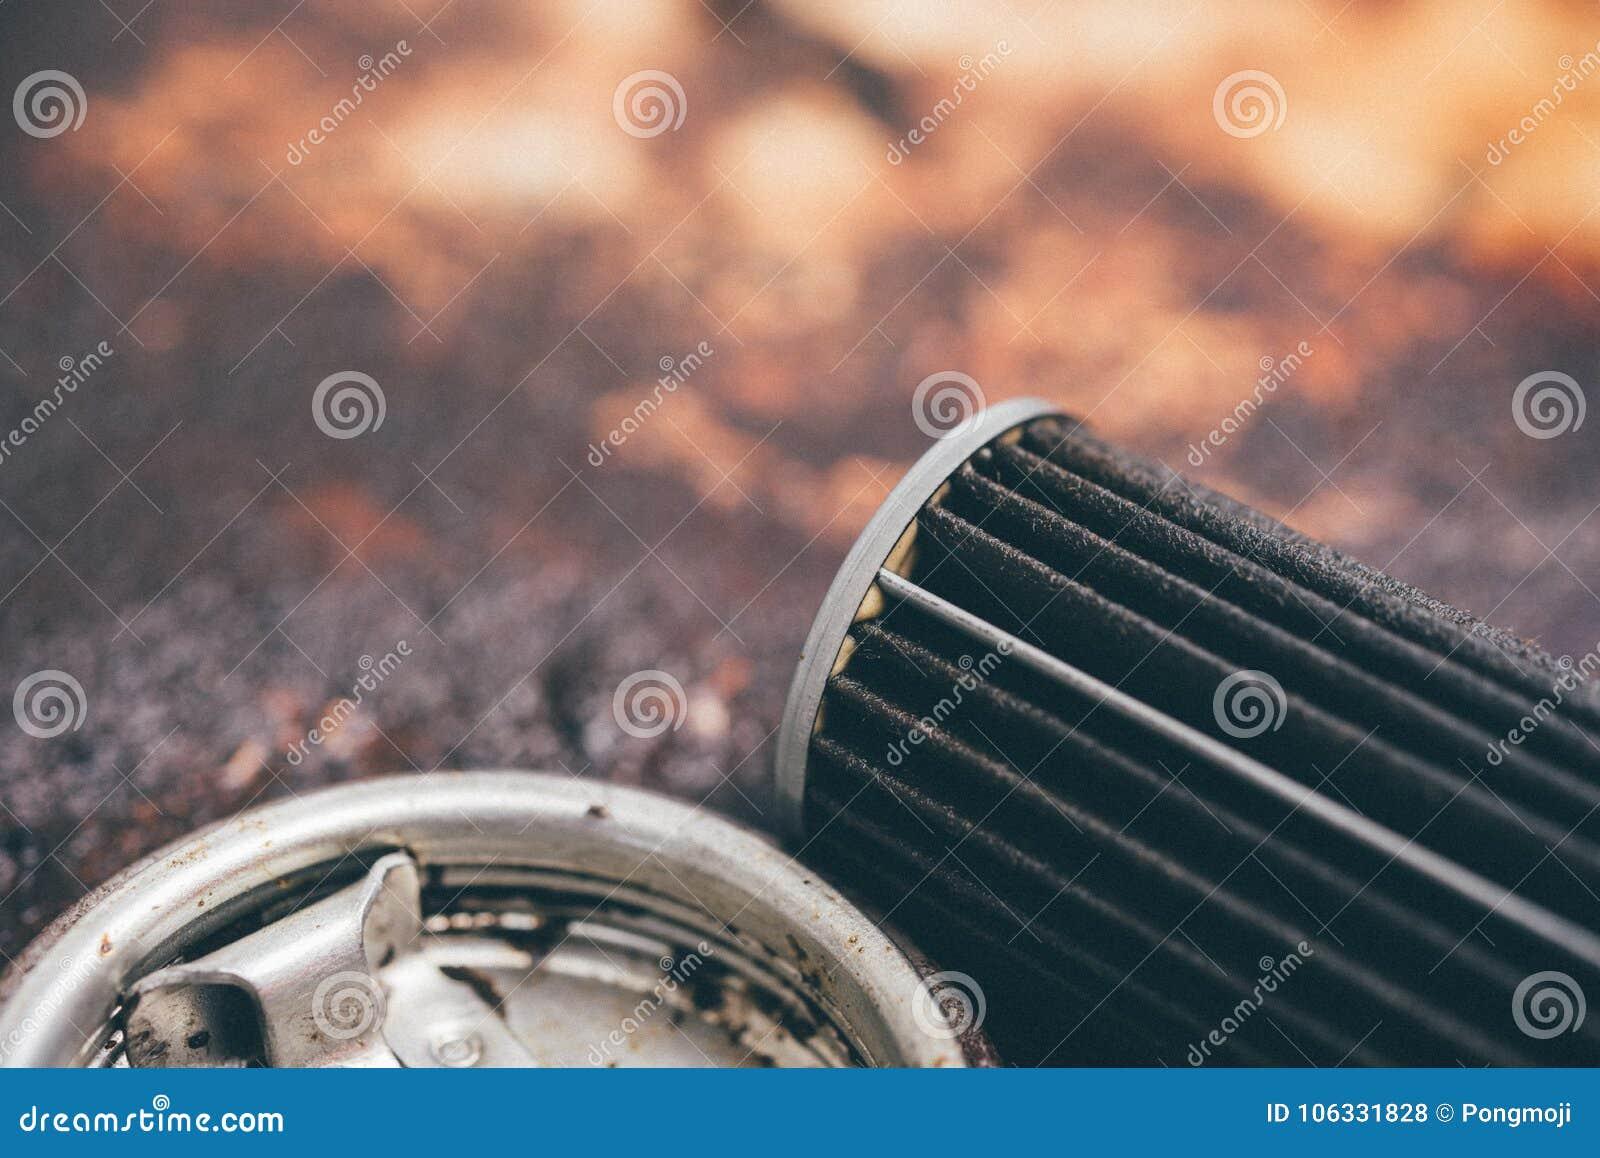 Παλαιό φίλτρο πετρελαίου μηχανών λιπαντικών στο γκαράζ αυτοκινήτων